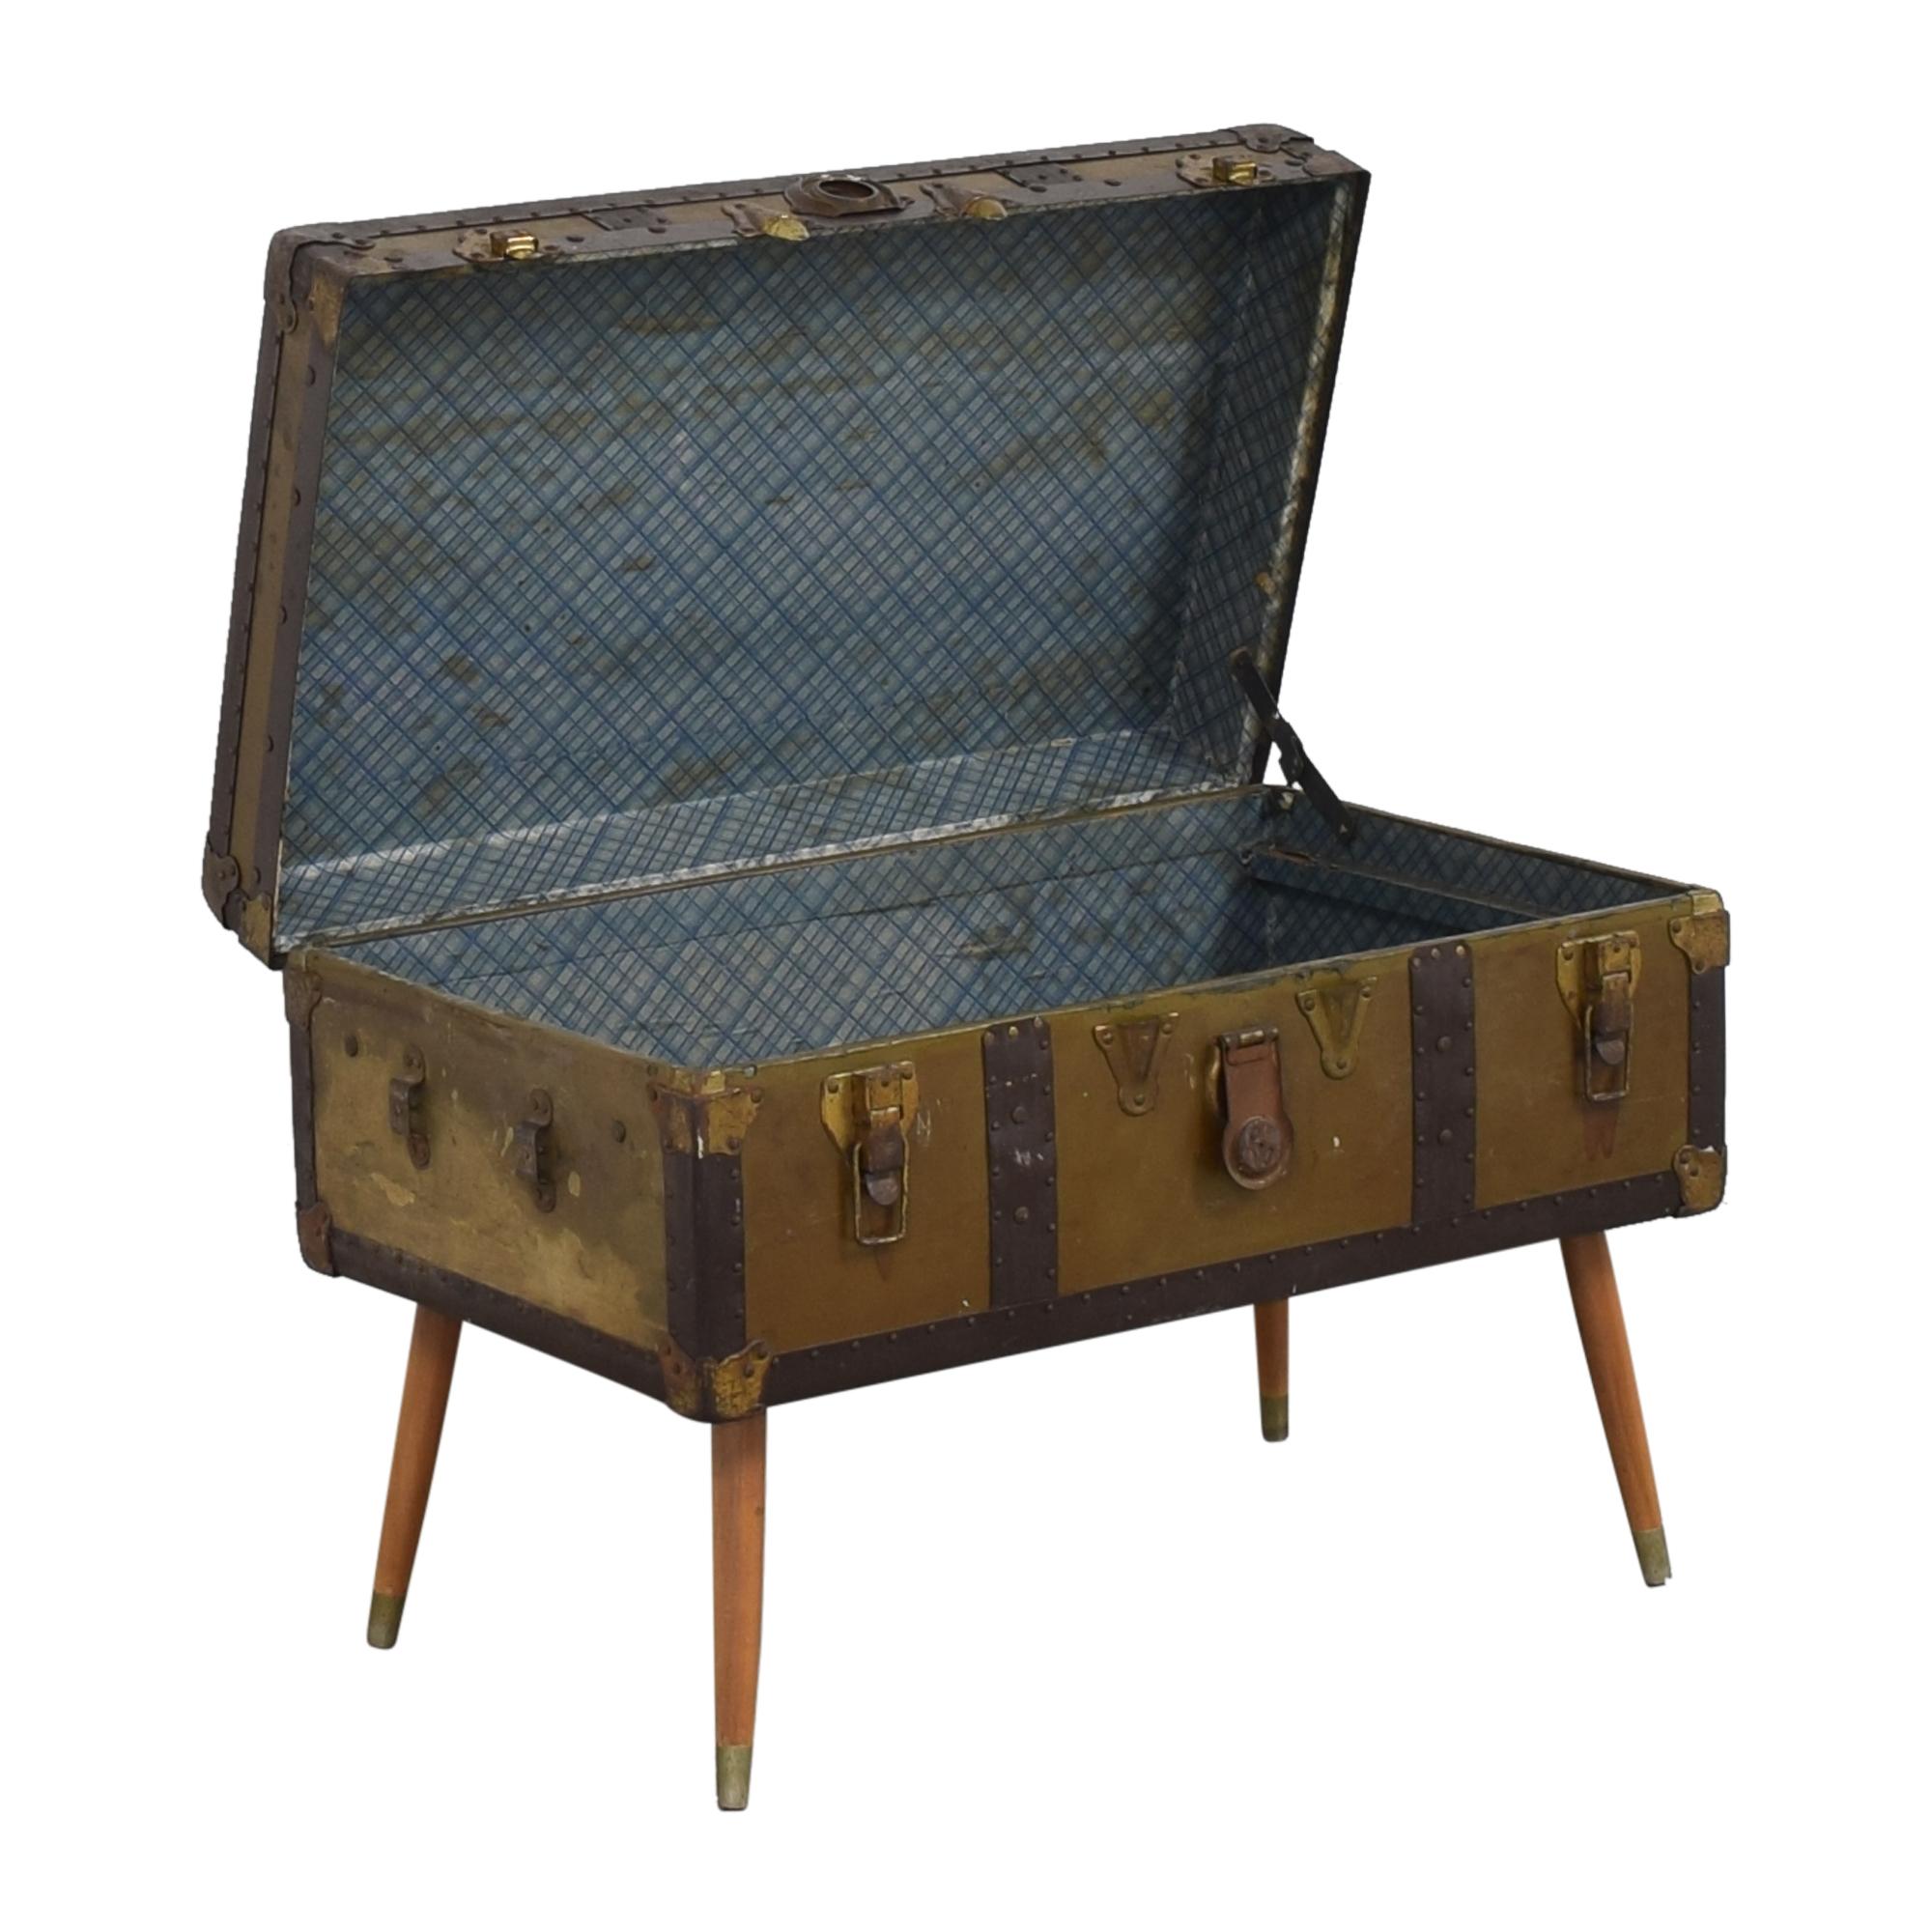 Vintage Storage Trunk nyc